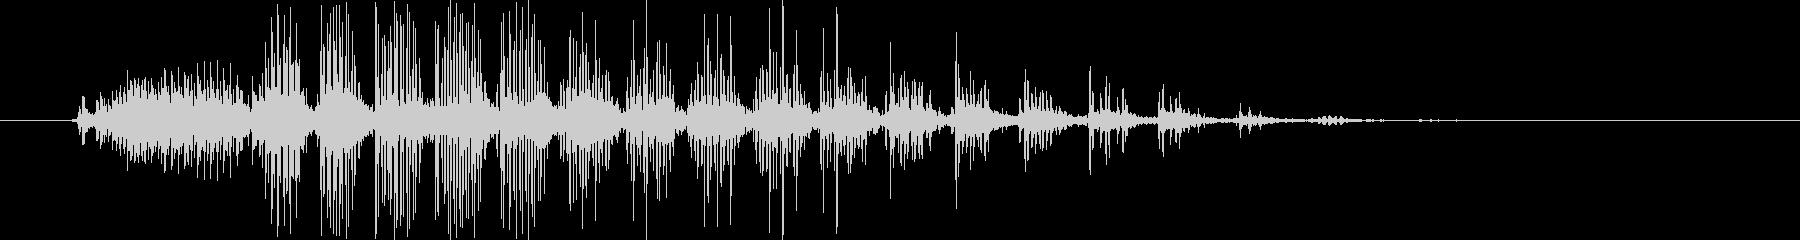 カァラララ!(カラスの鳴き声)擬音唸りの未再生の波形